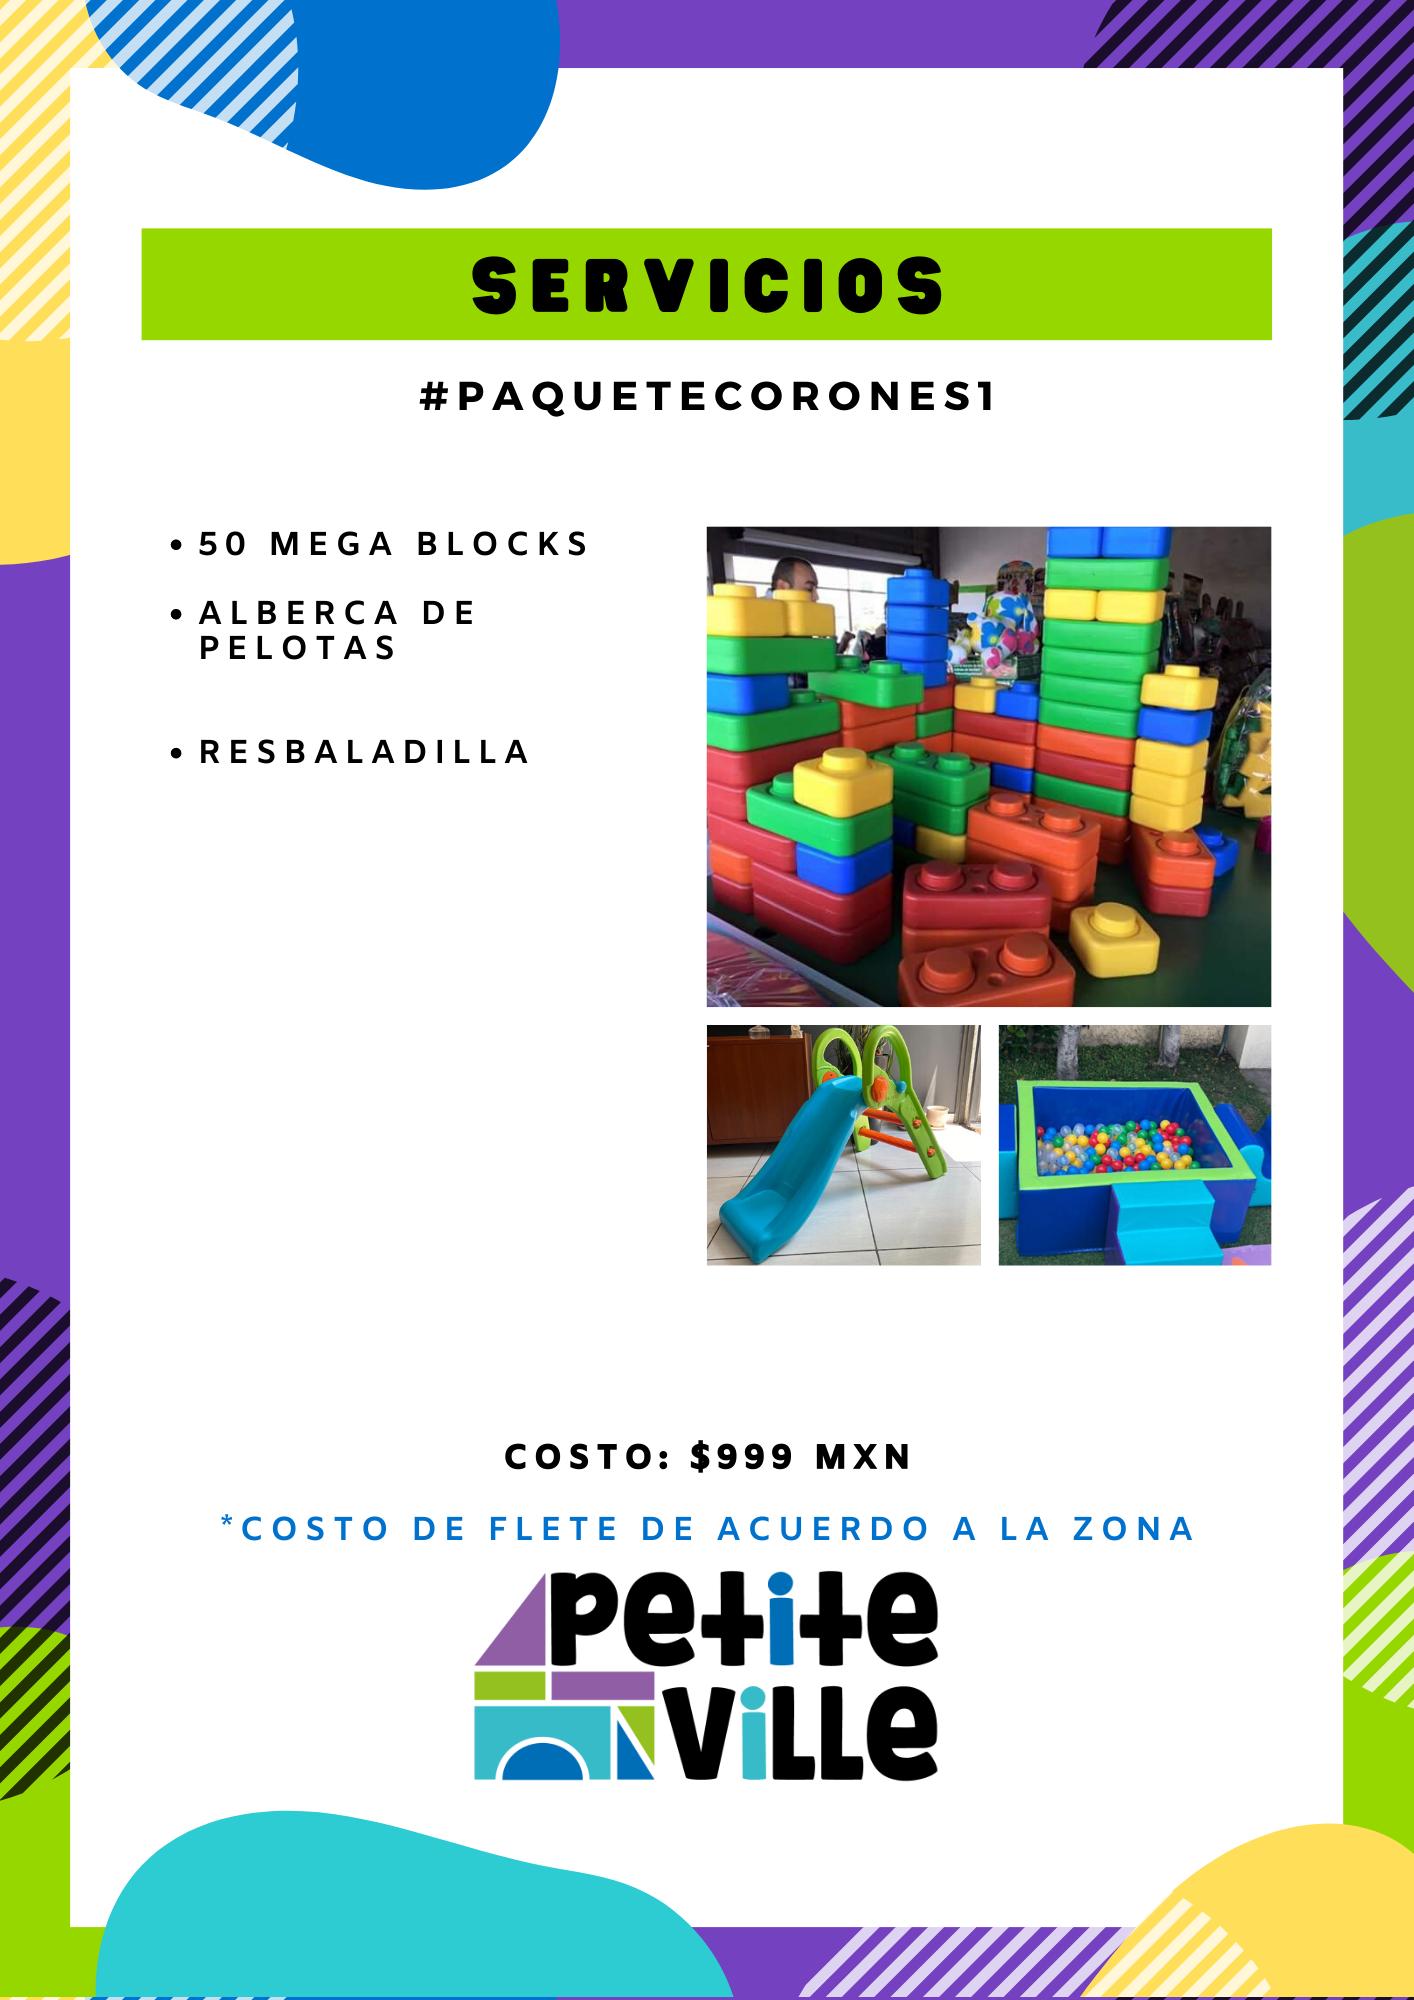 Paquetecorones1